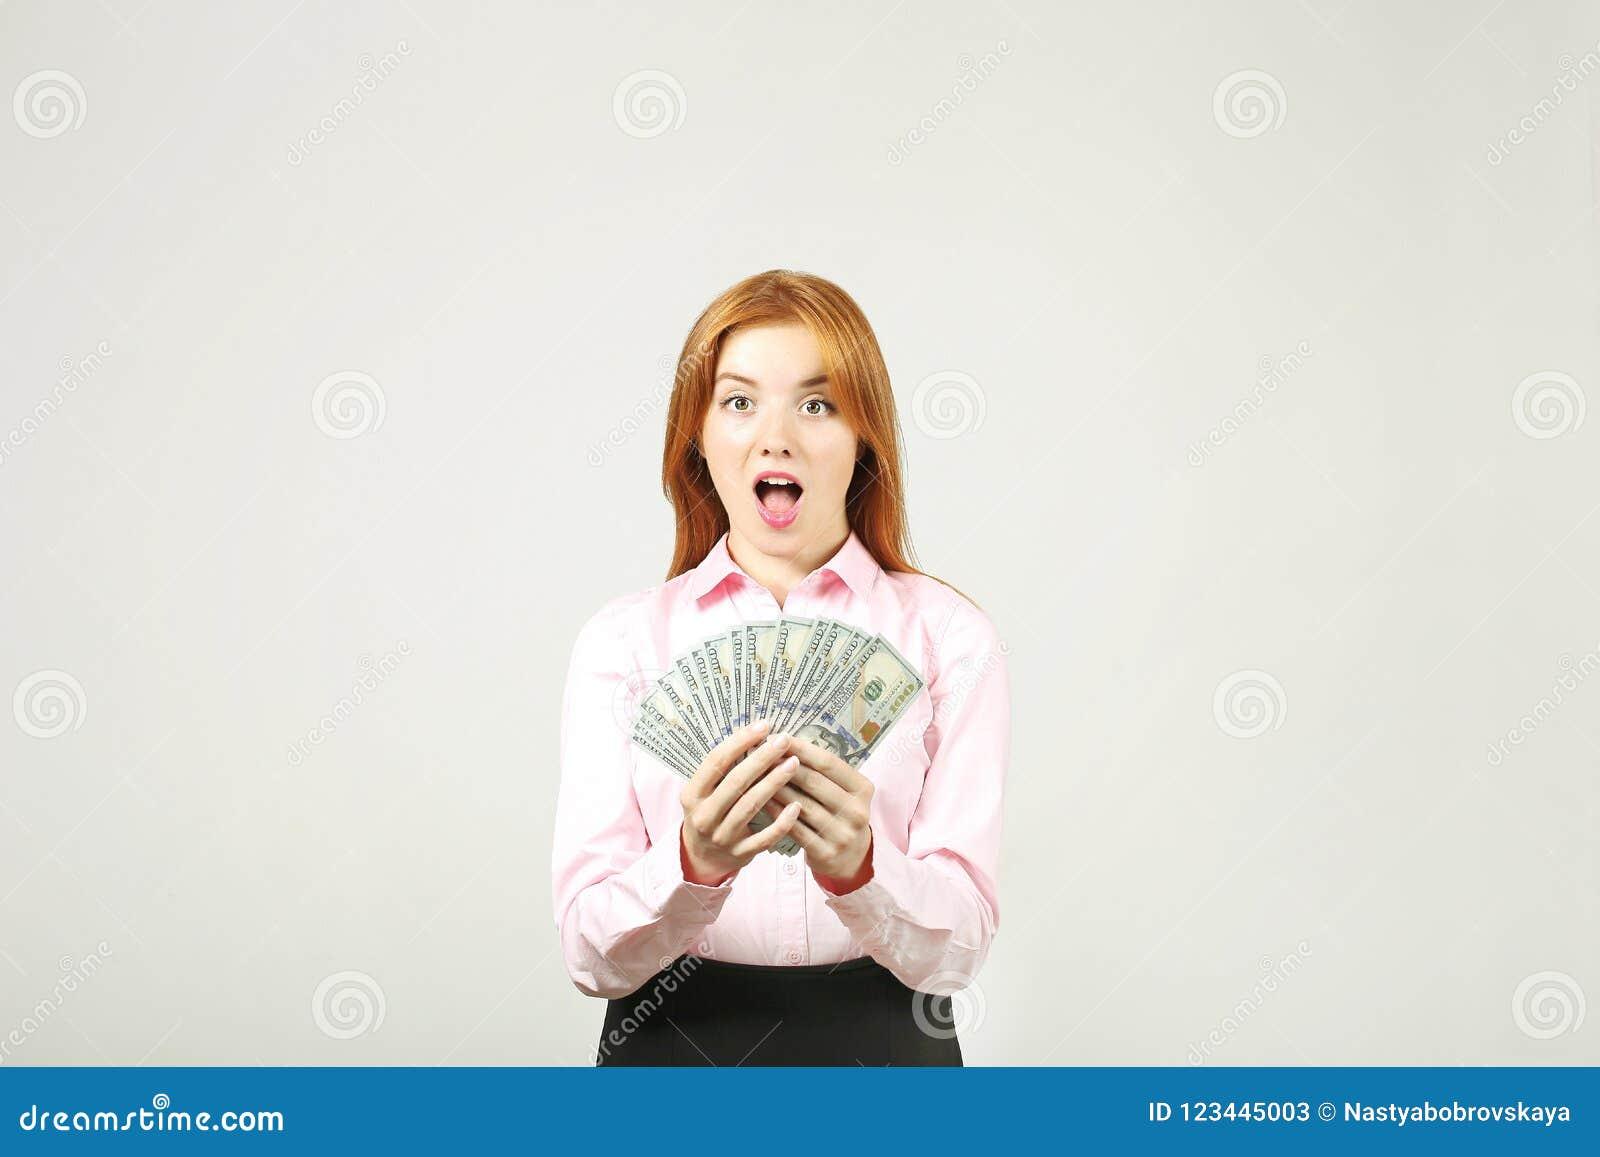 Atrakcyjny młody bizneswoman pozuje z wiązką USD spienięża wewnątrz ręki pokazuje pozytywne emocje i szczęśliwego wyraz twarzy